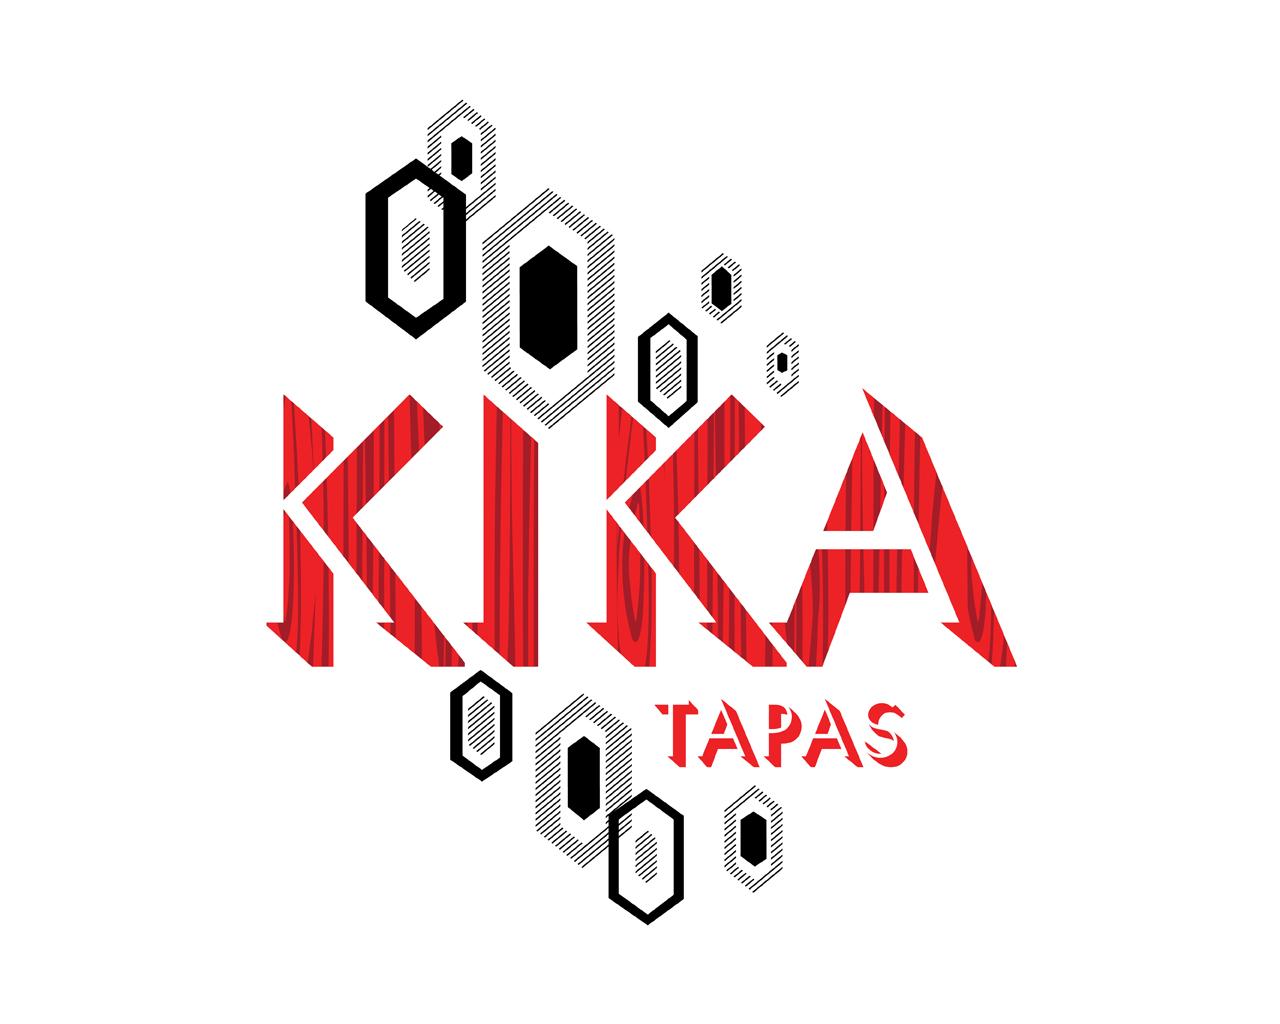 Spanish Restaurant Logo Kika tapas logo - kika tapas